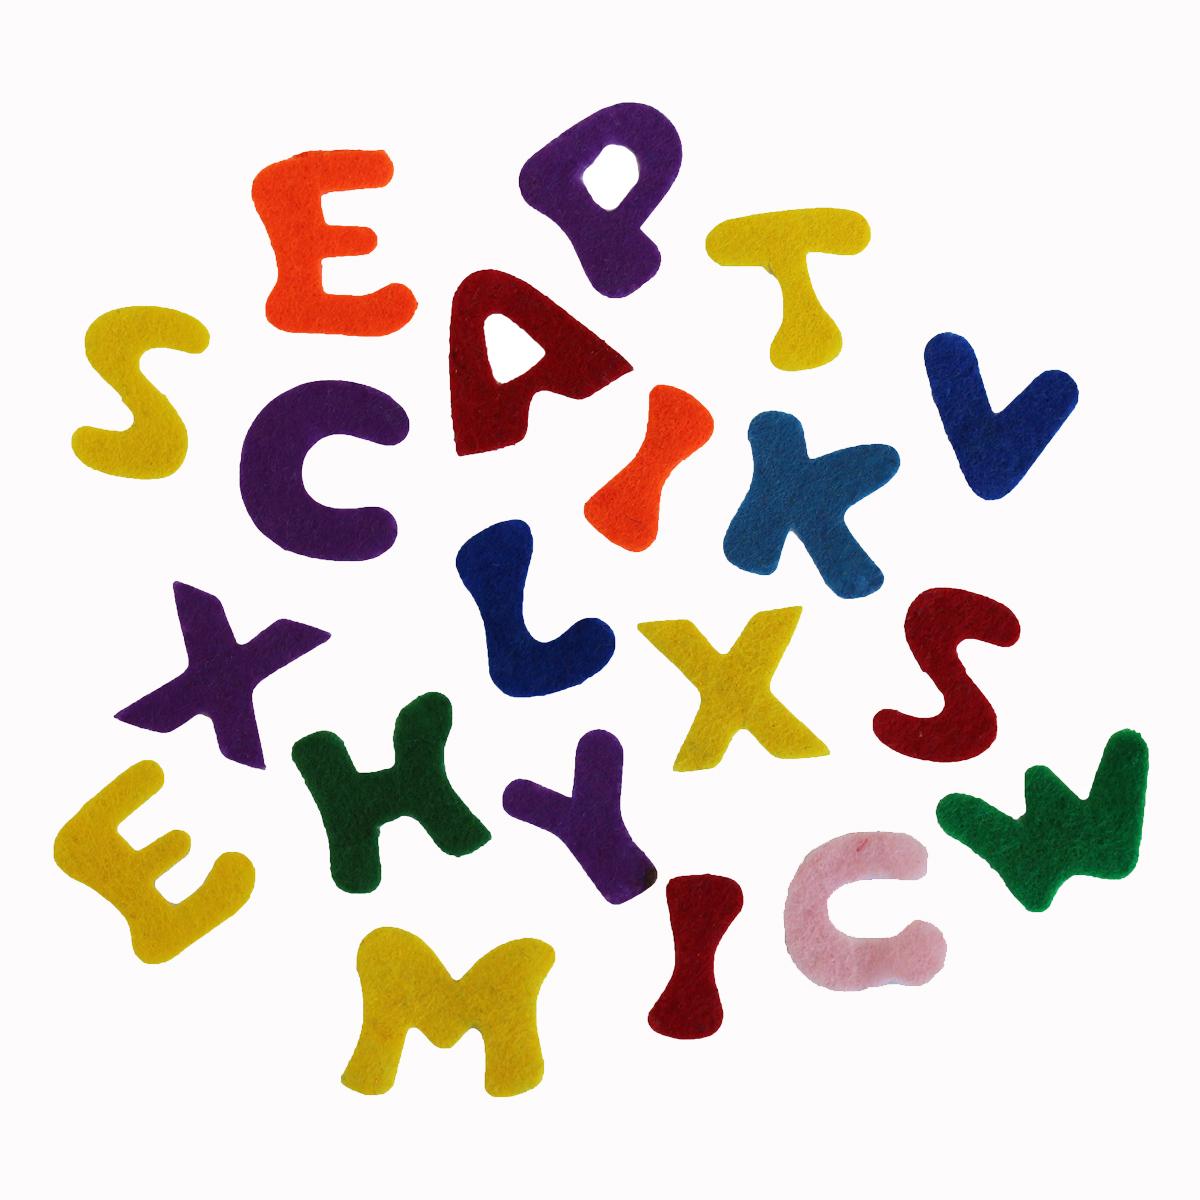 Фетр для творчества Glorex Буквы, 150 штK100Фетр для творчества Glorex Буквы изготовлен из 100% полиэстера. Фетр является отличным материалом для декора и флористики. Используется для изготовления открыток ручной работы и скрап-страничек, для созданиябижутерии и многого другого.